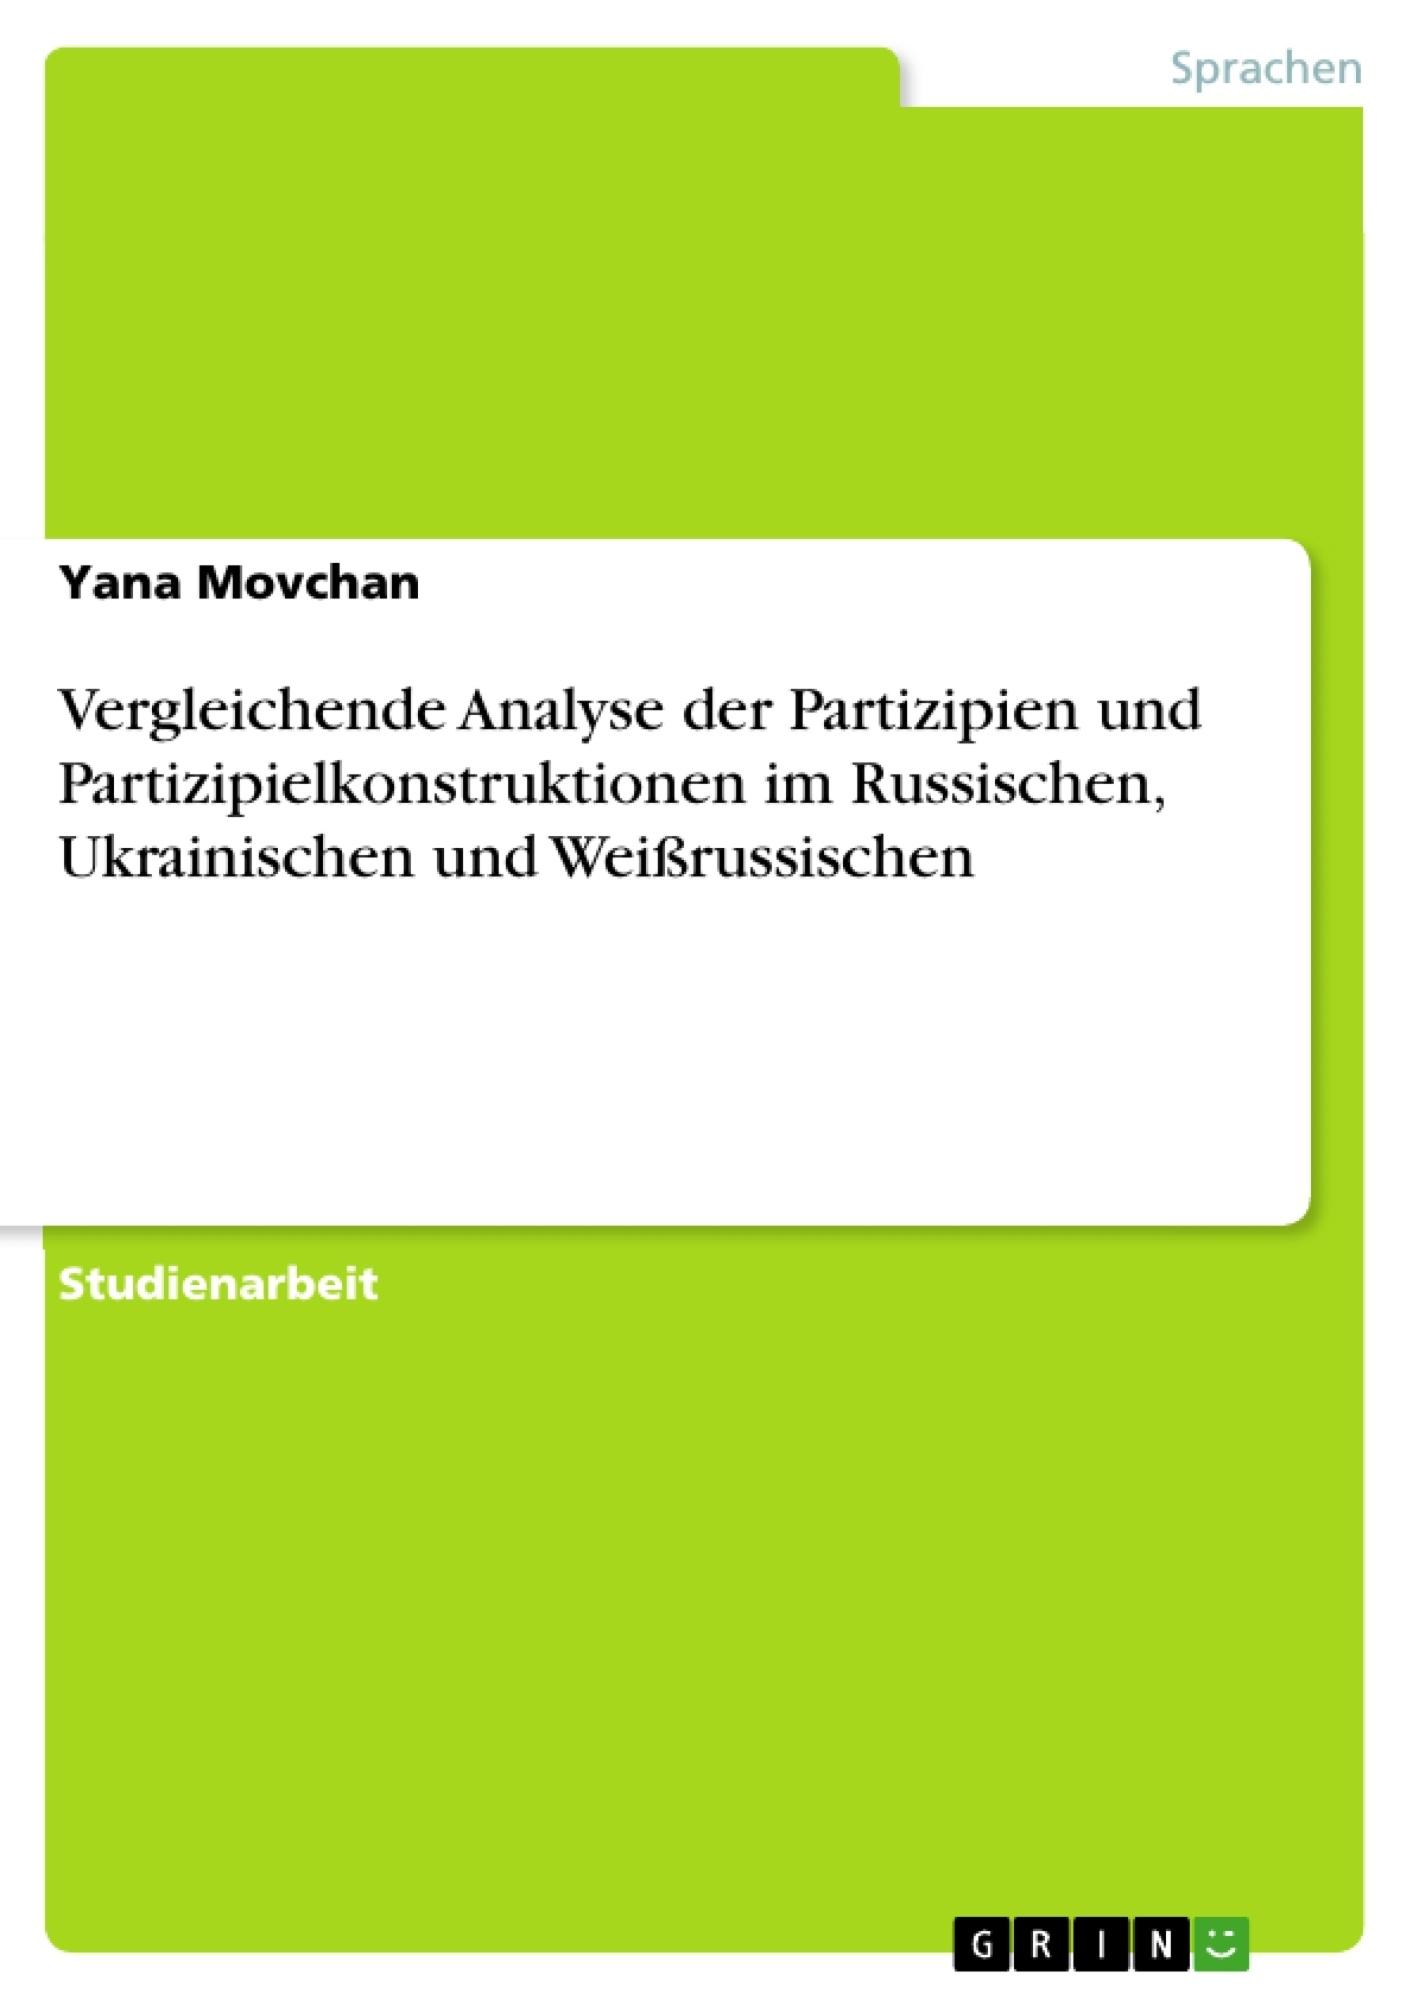 Titel: Vergleichende Analyse der Partizipien und Partizipielkonstruktionen im Russischen, Ukrainischen und Weißrussischen